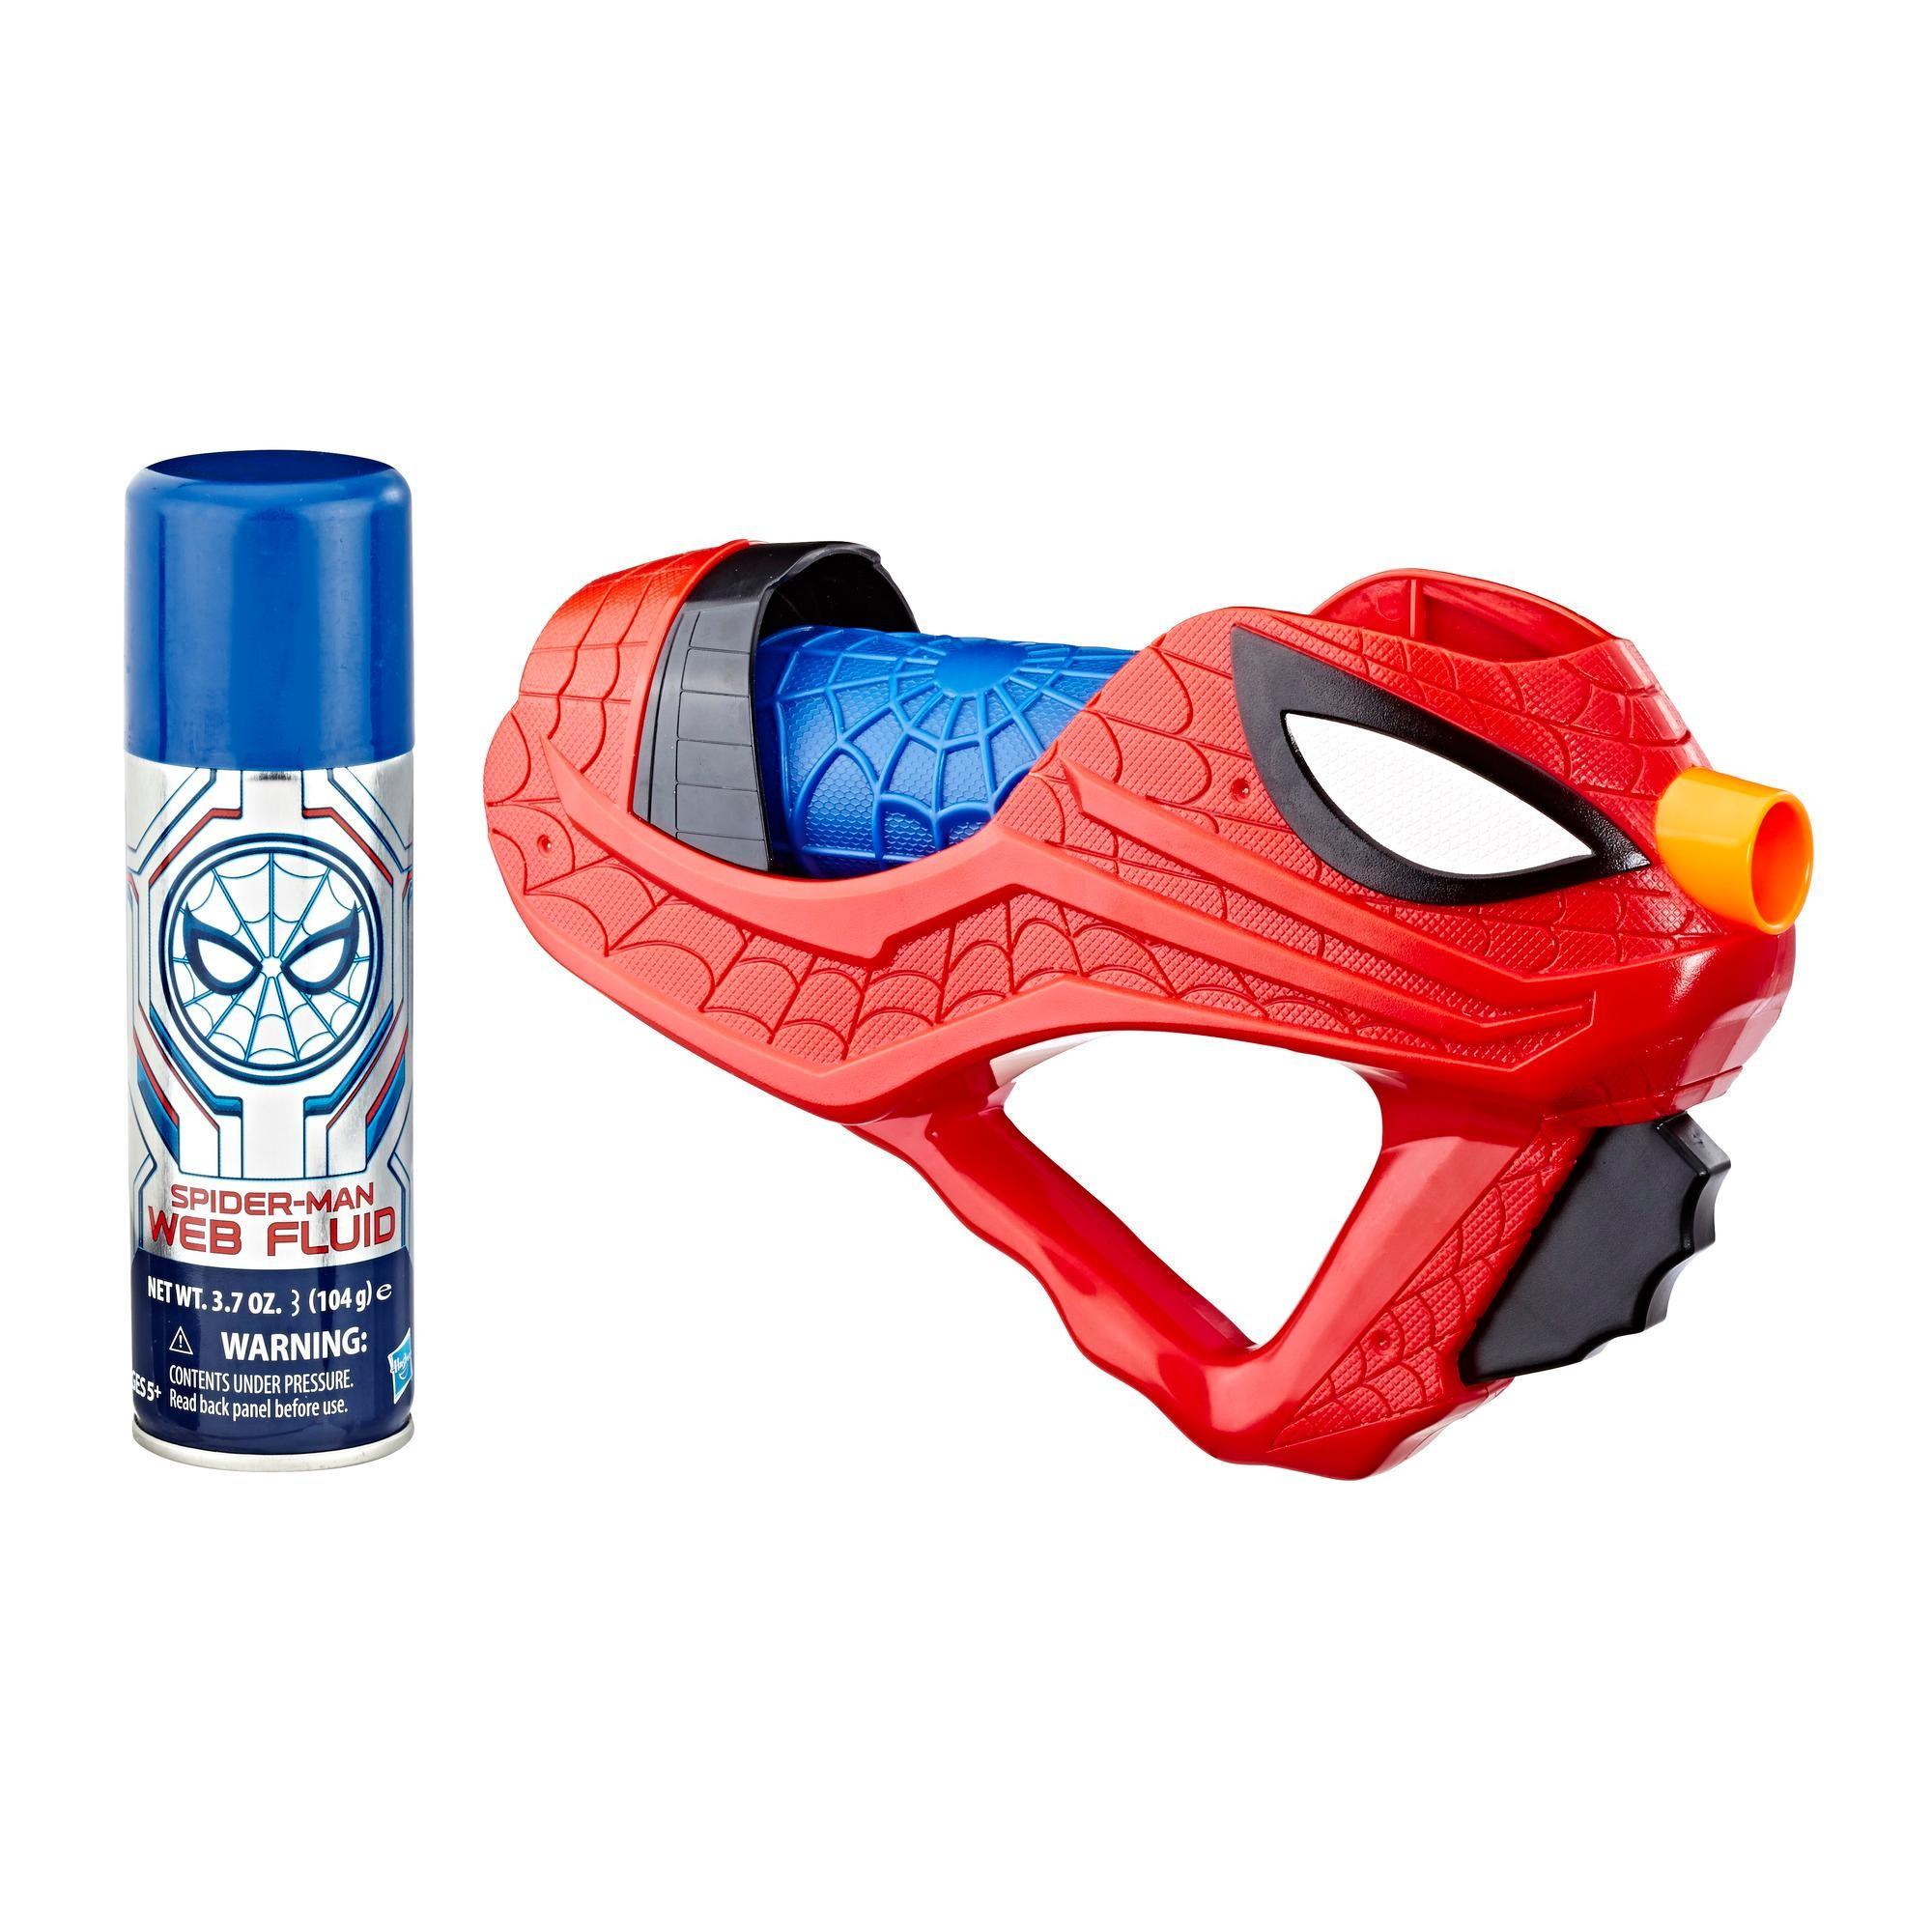 Marvel Spider-Man Web Fluid Refill Blue